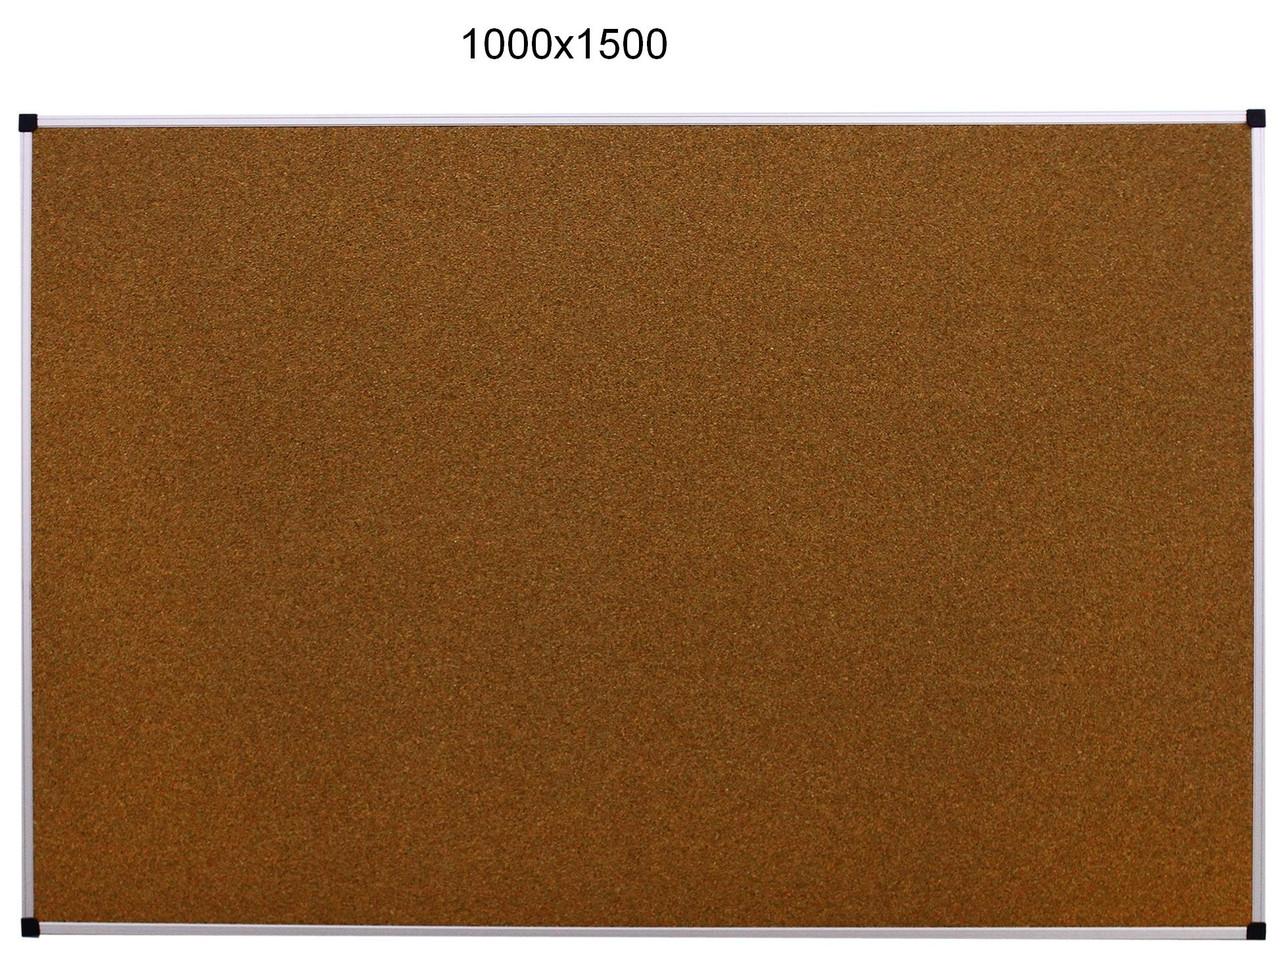 Доска пробковая для объявлений в деревянной раме 1000х1500 работа в стаханове объявления